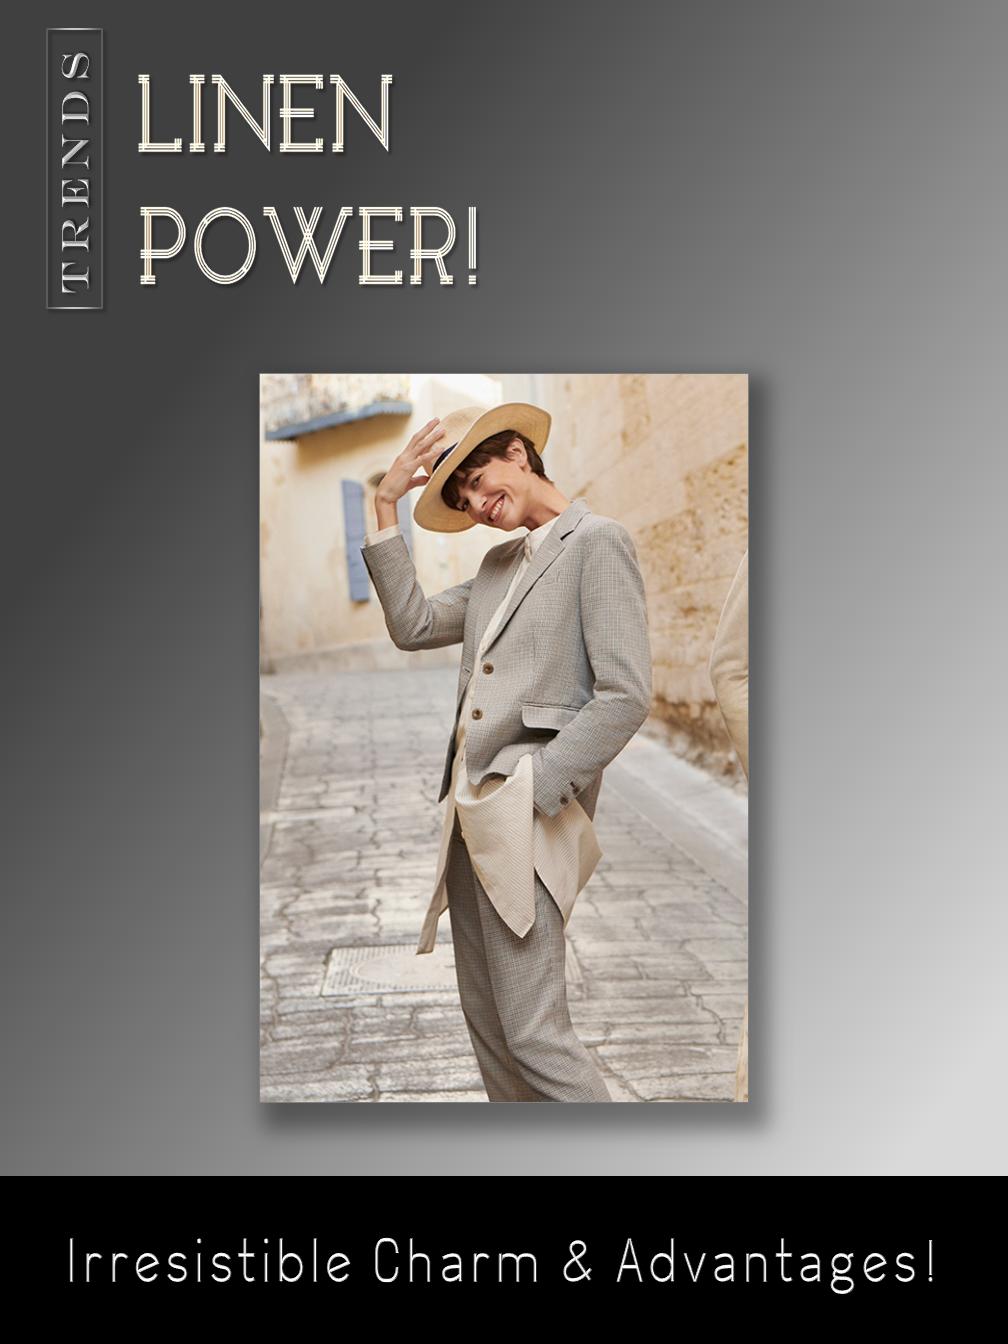 Linen Power